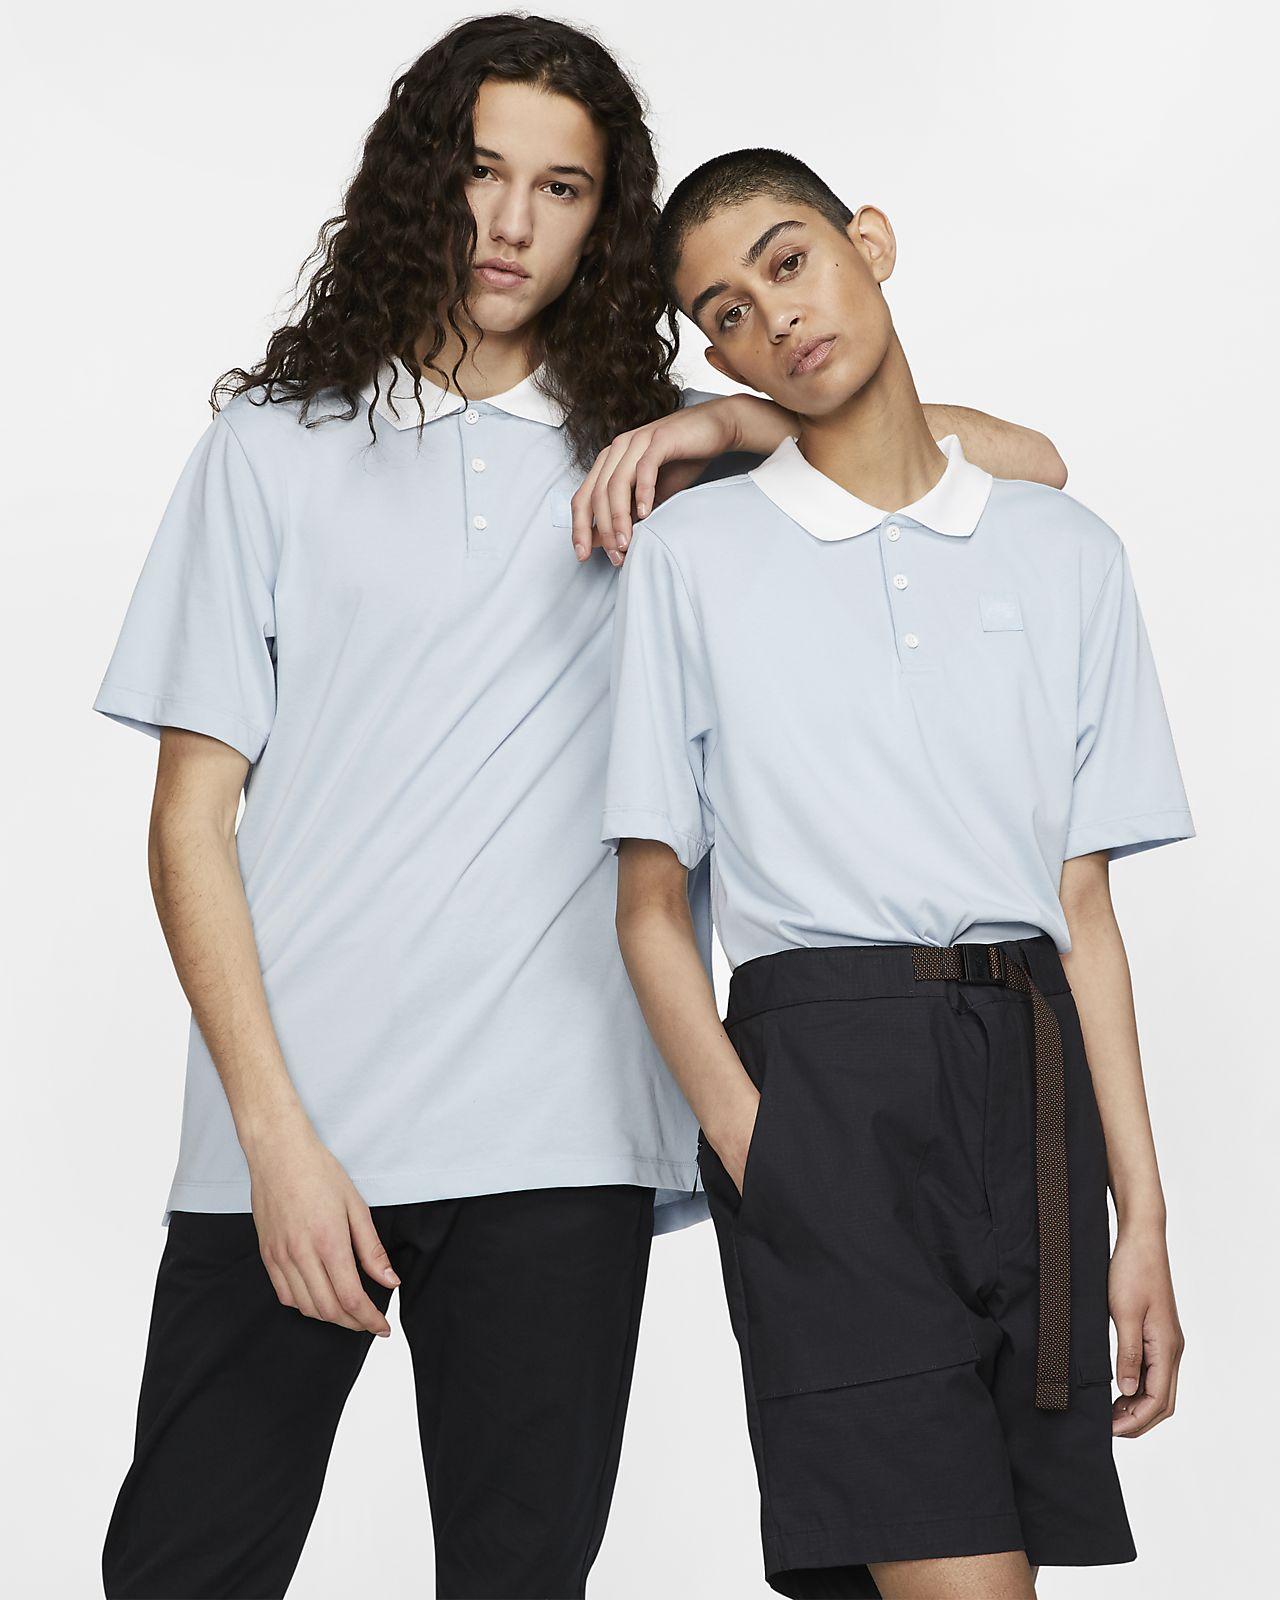 Κοντομάνικη μπλούζα πόλο για skateboarding Nike SB Dri-FIT